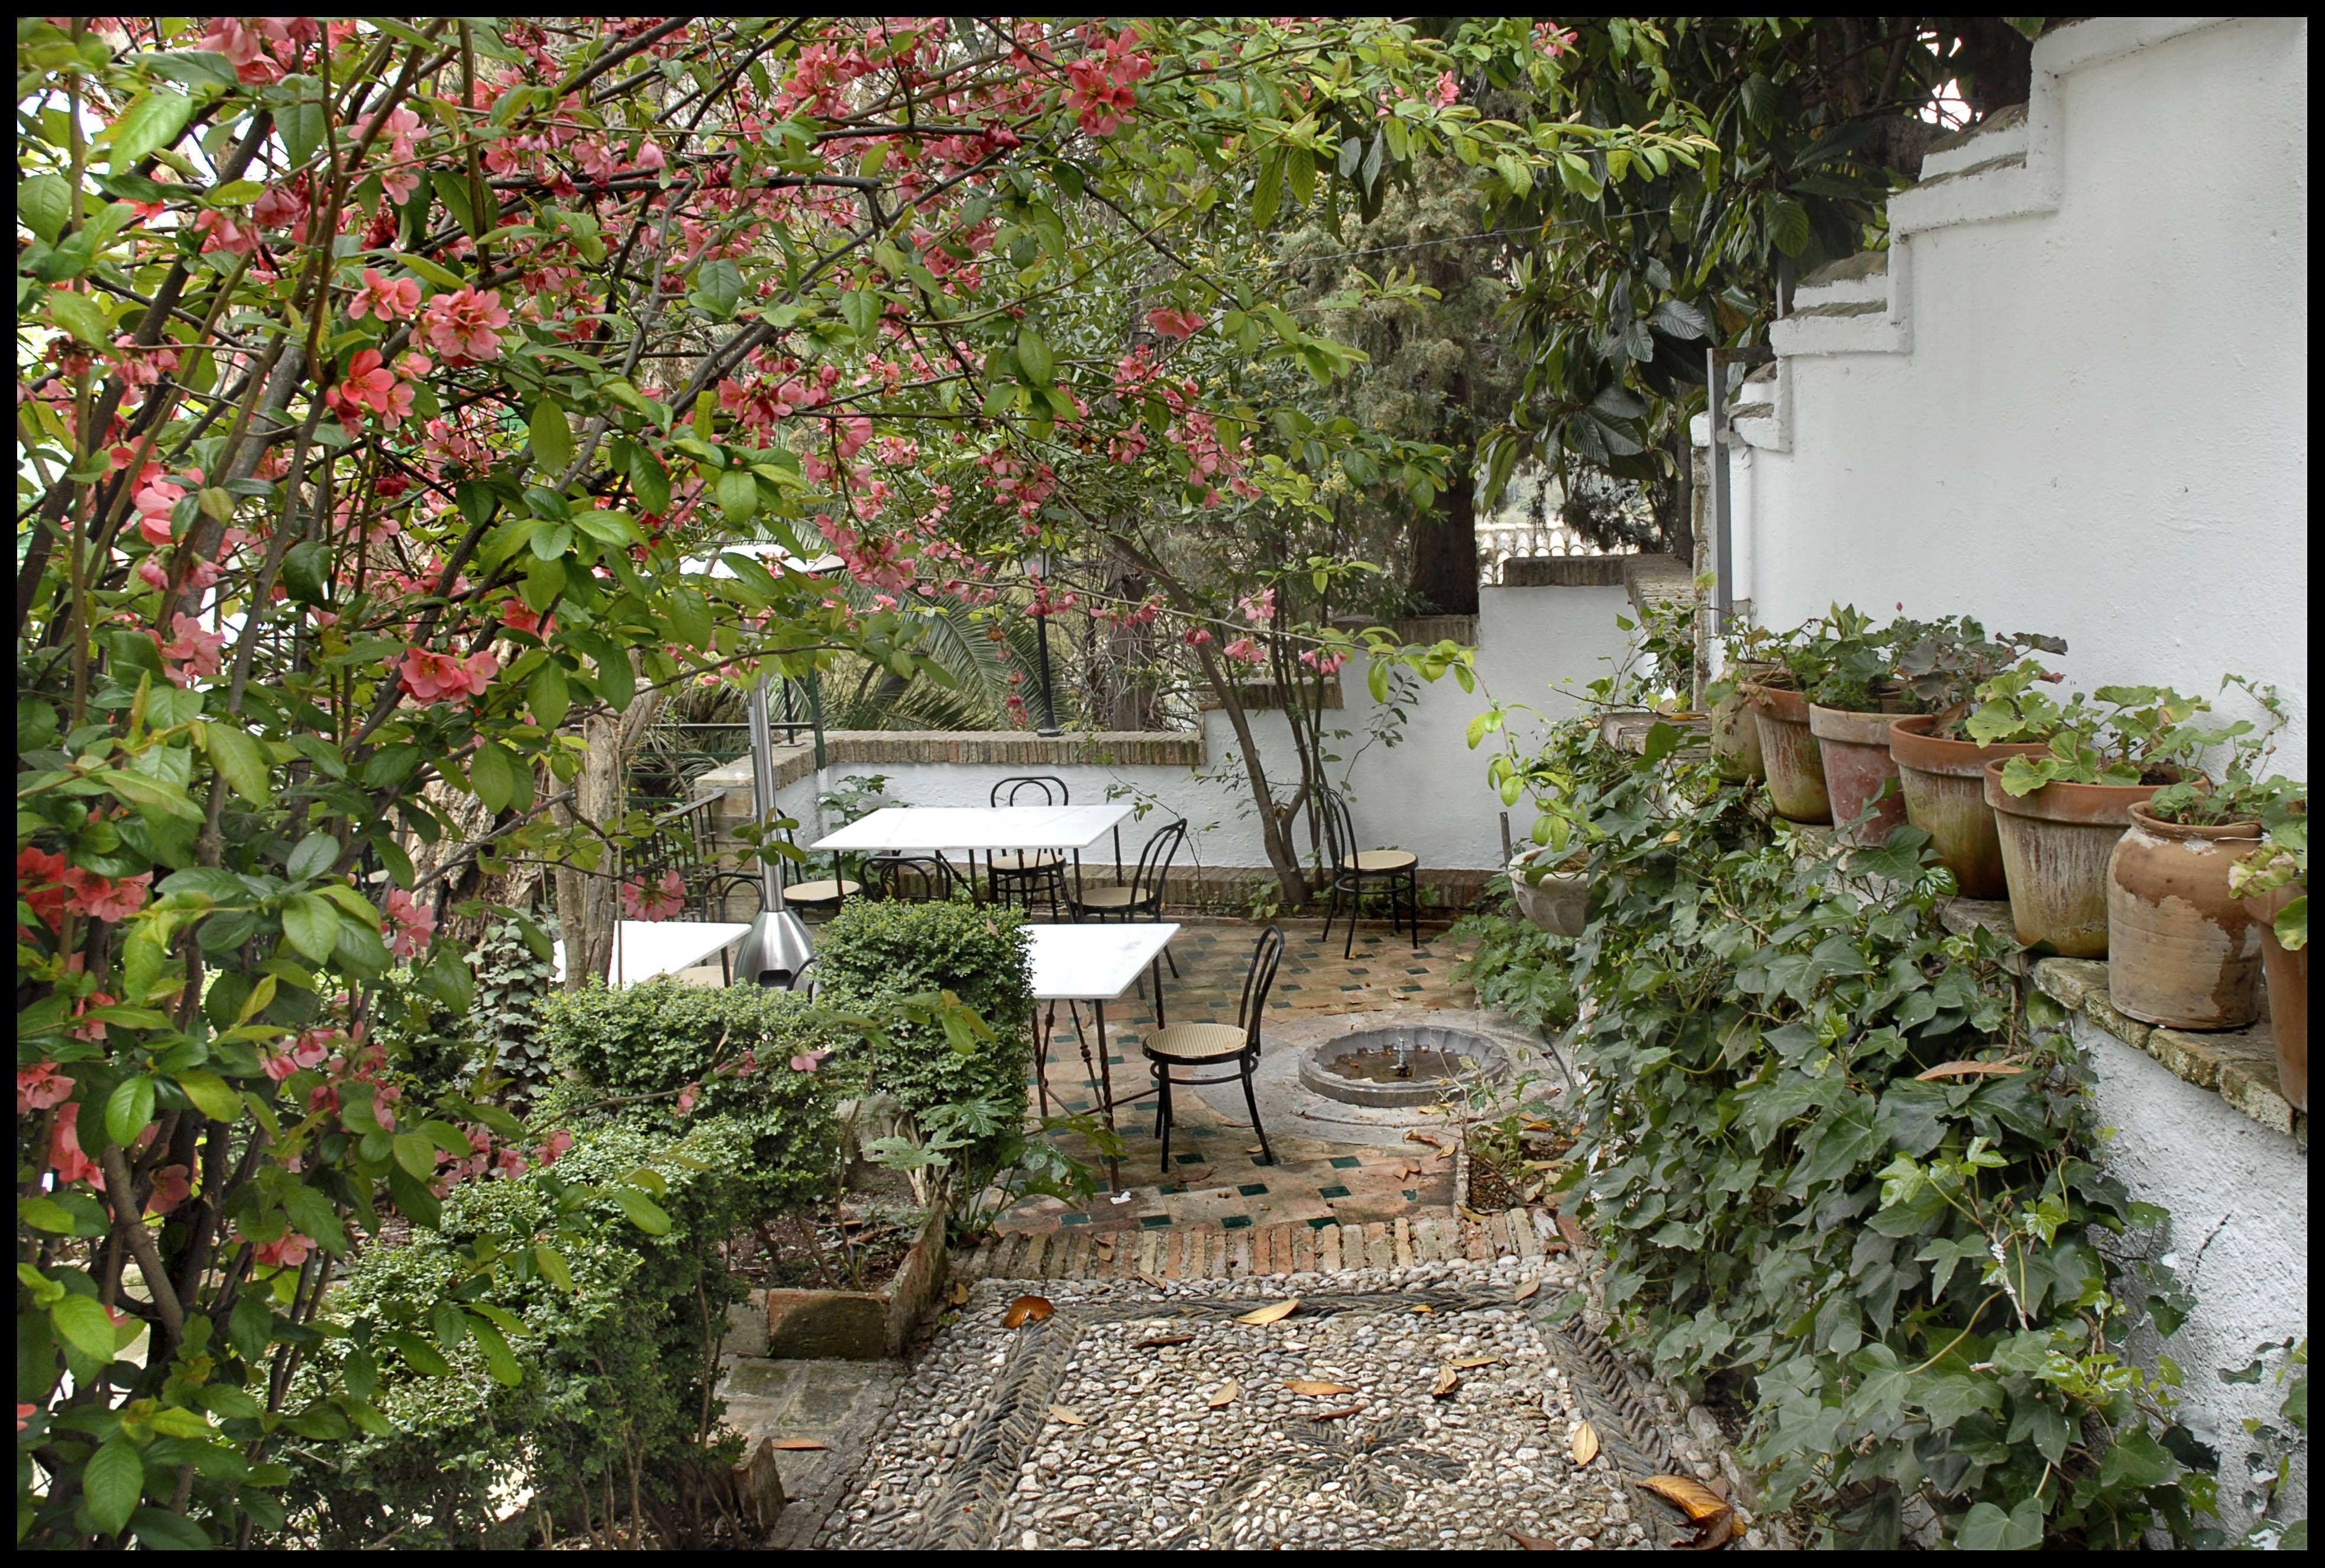 terraza jardin y flores web mirador de morayma